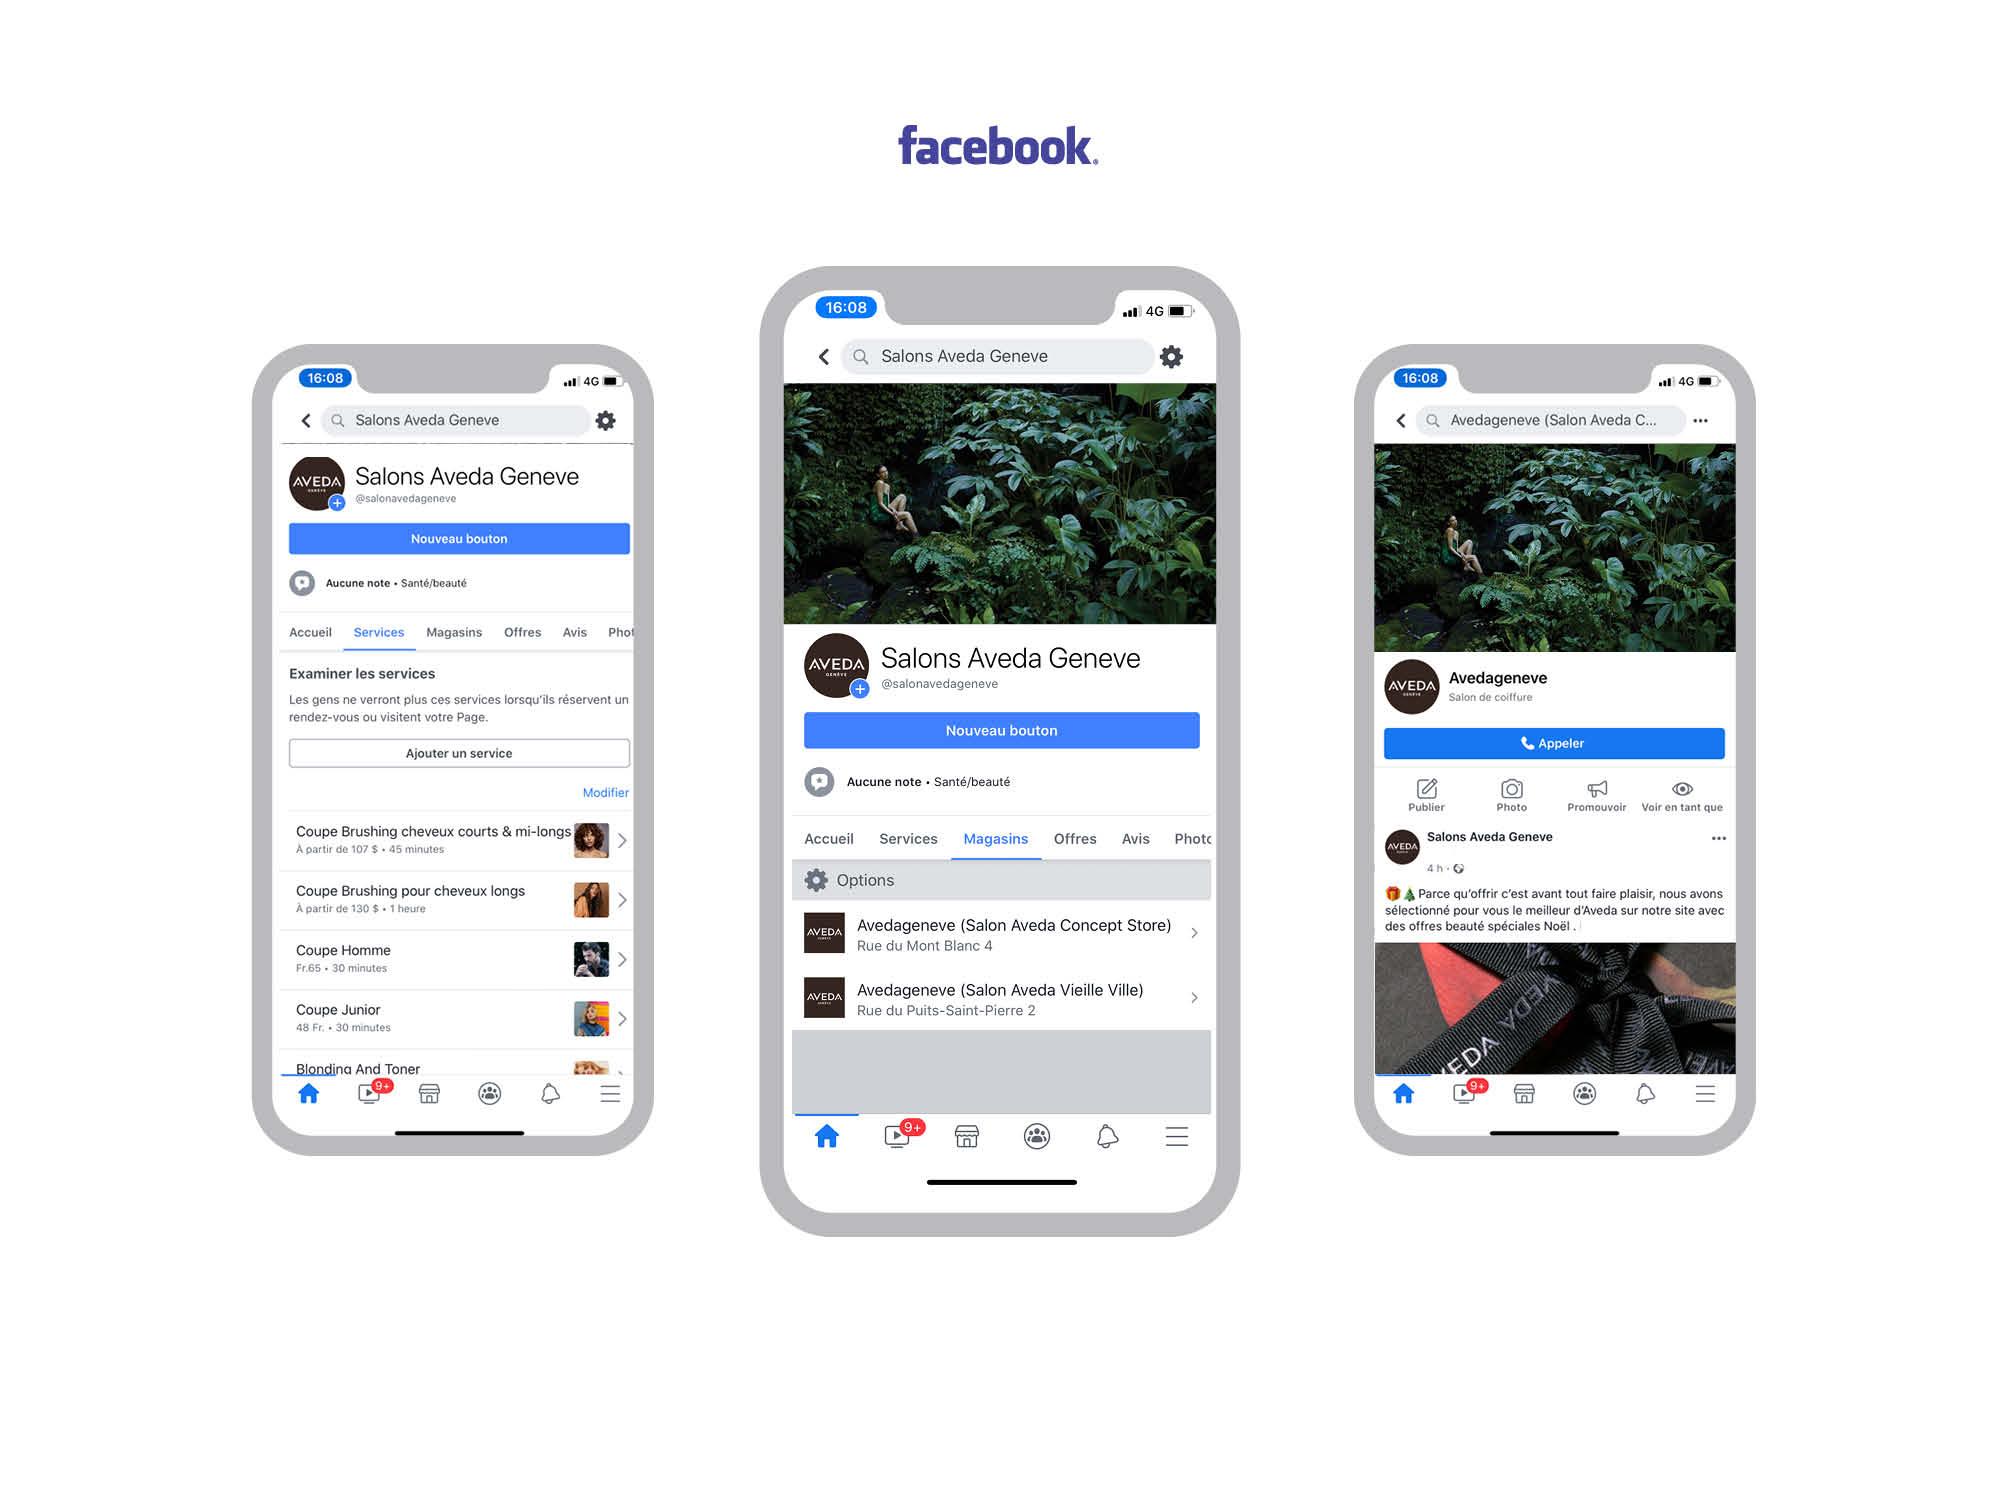 Social Media Aveda Facebook